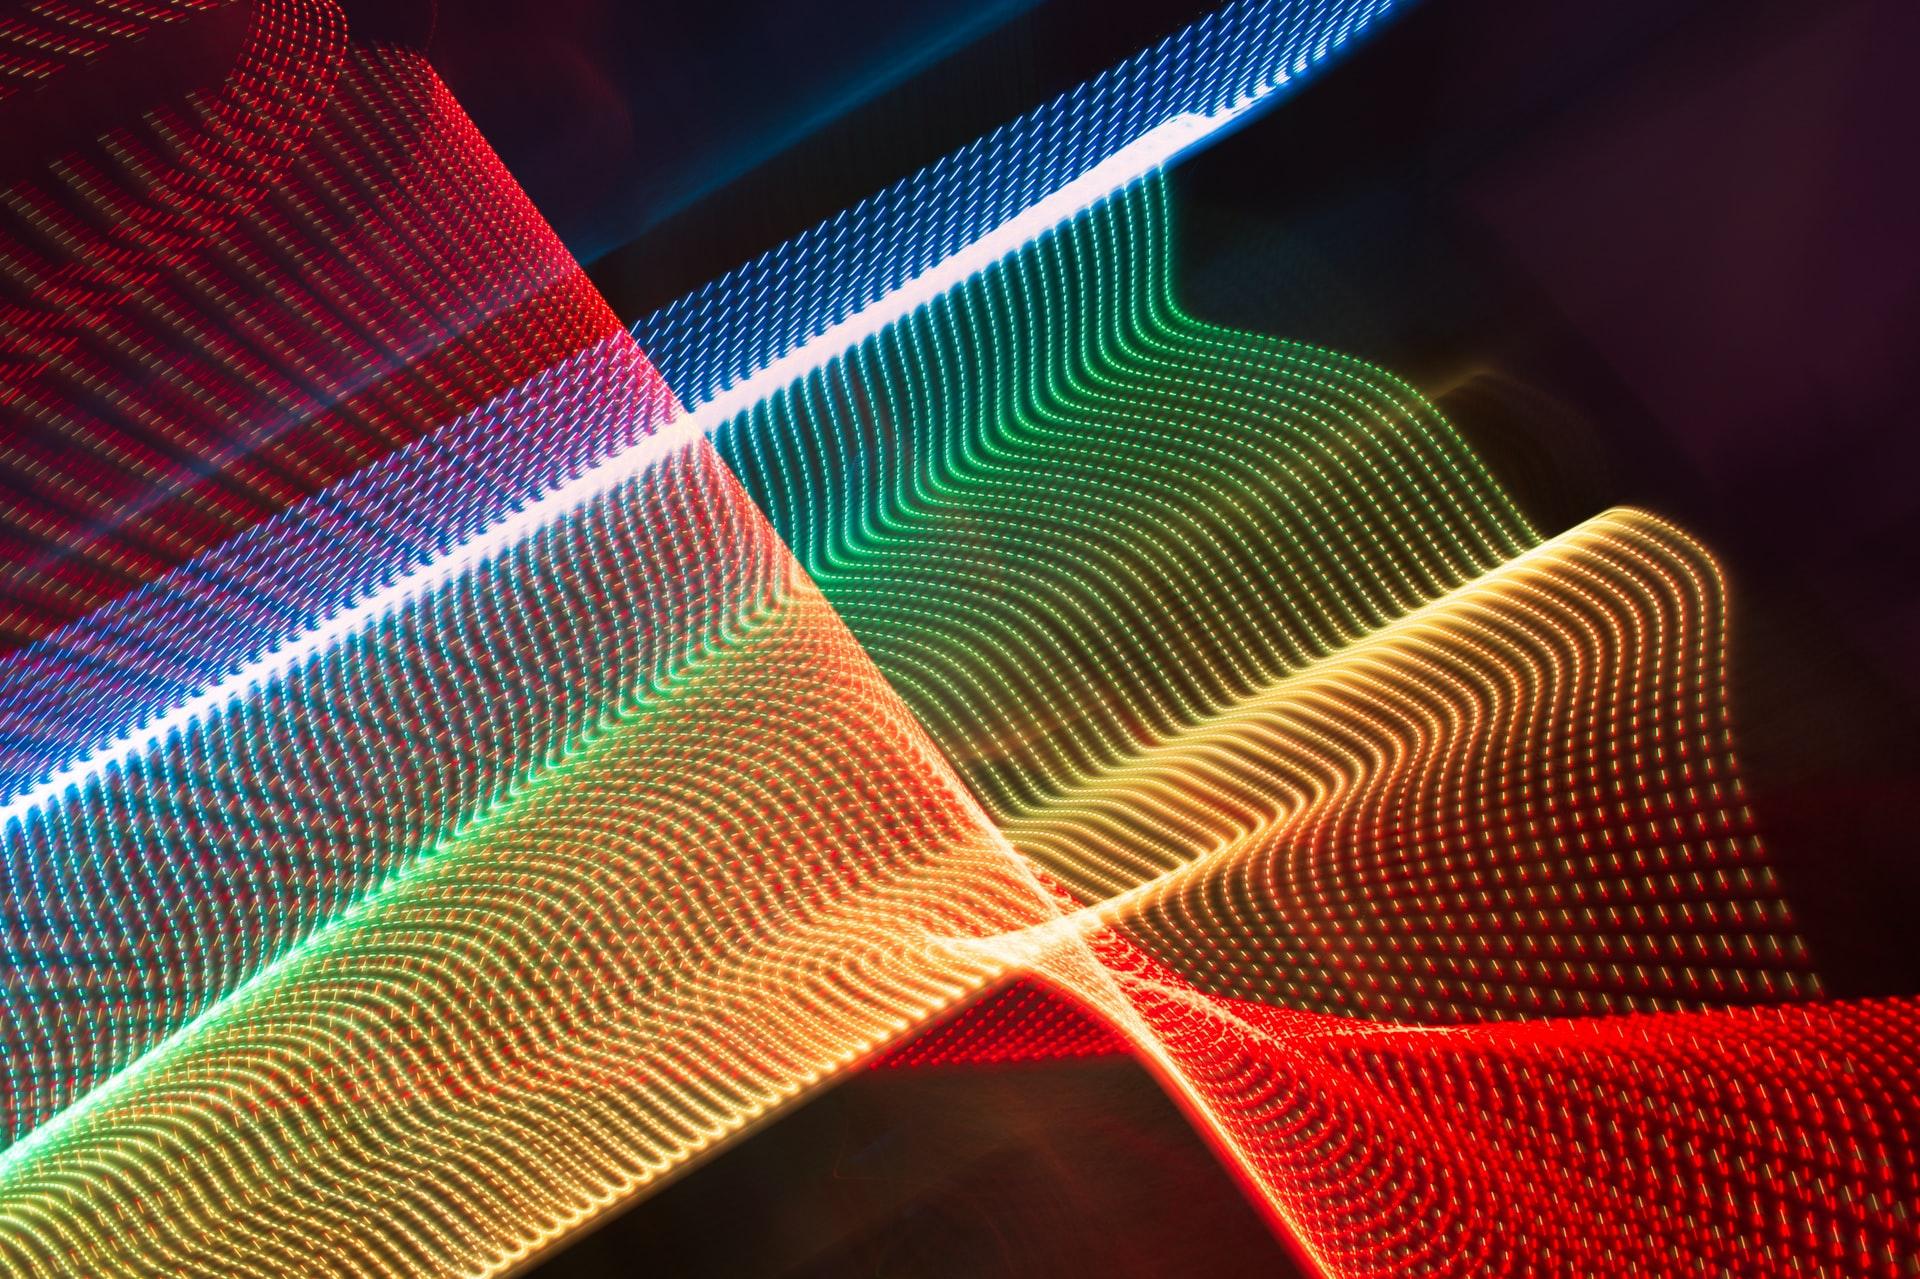 Biodynamické osvětlení je ekonomické a přizpůsobuje se potřebám organismu